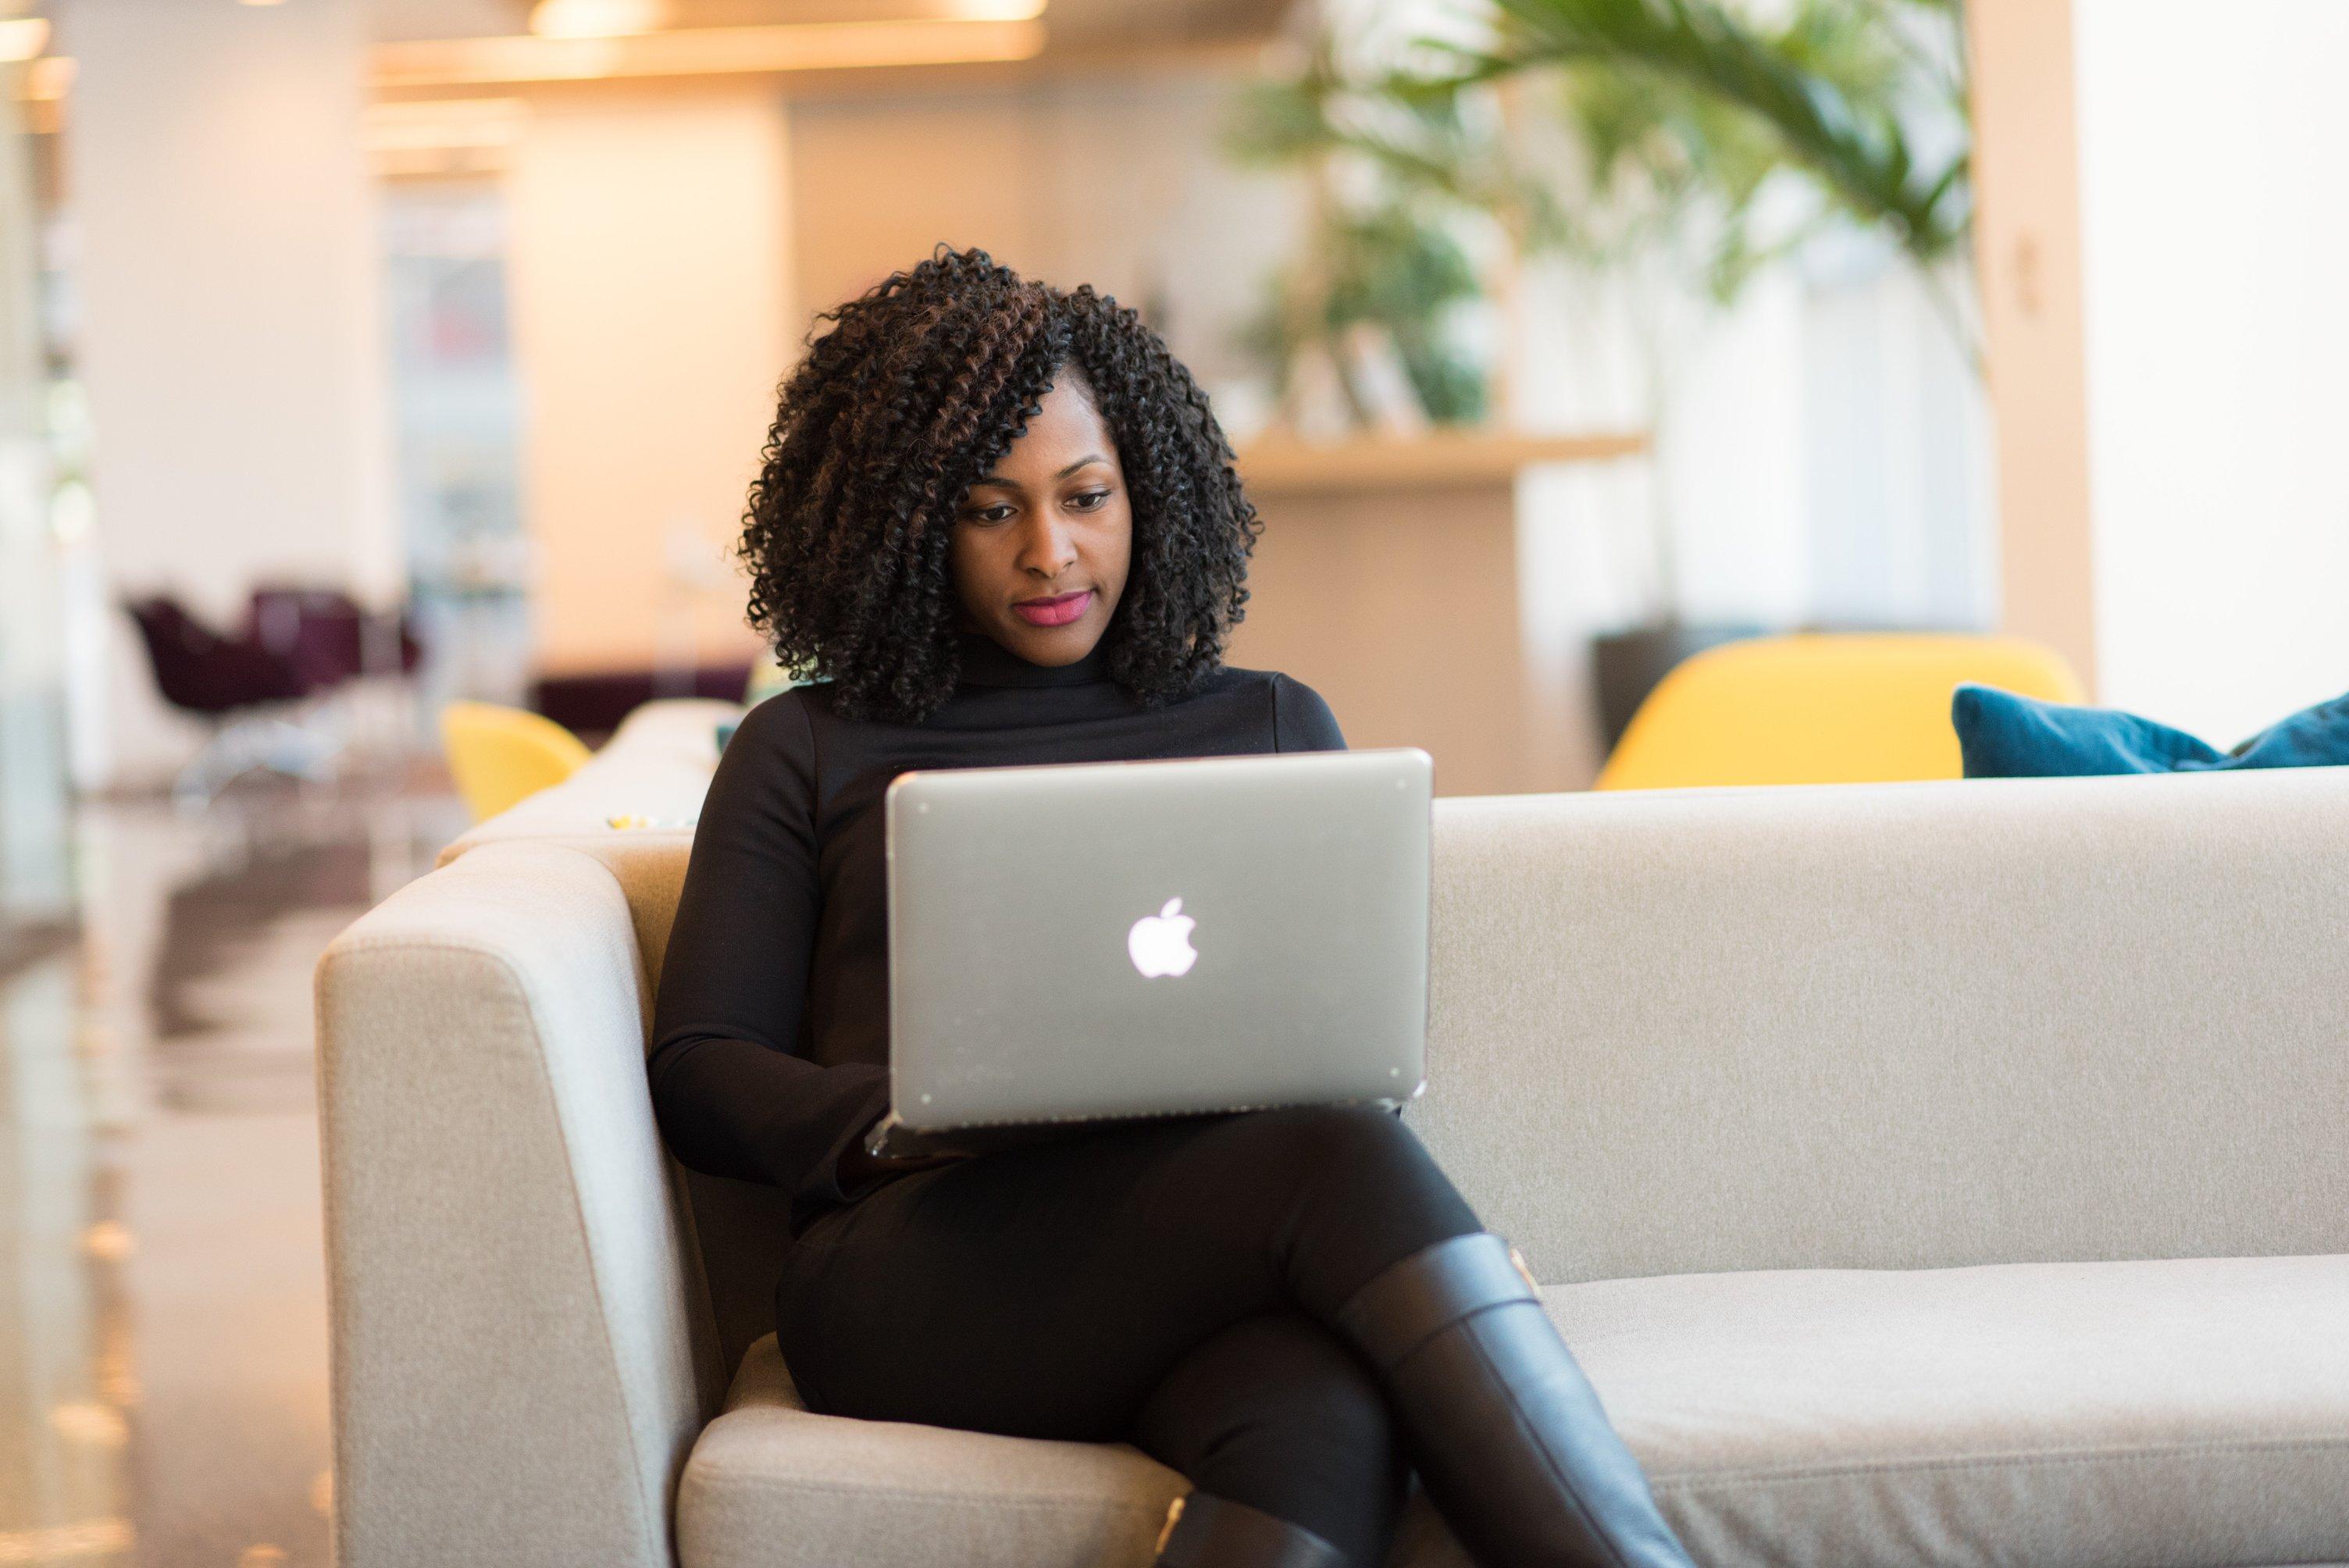 mejores ideas de negocios para mujeres